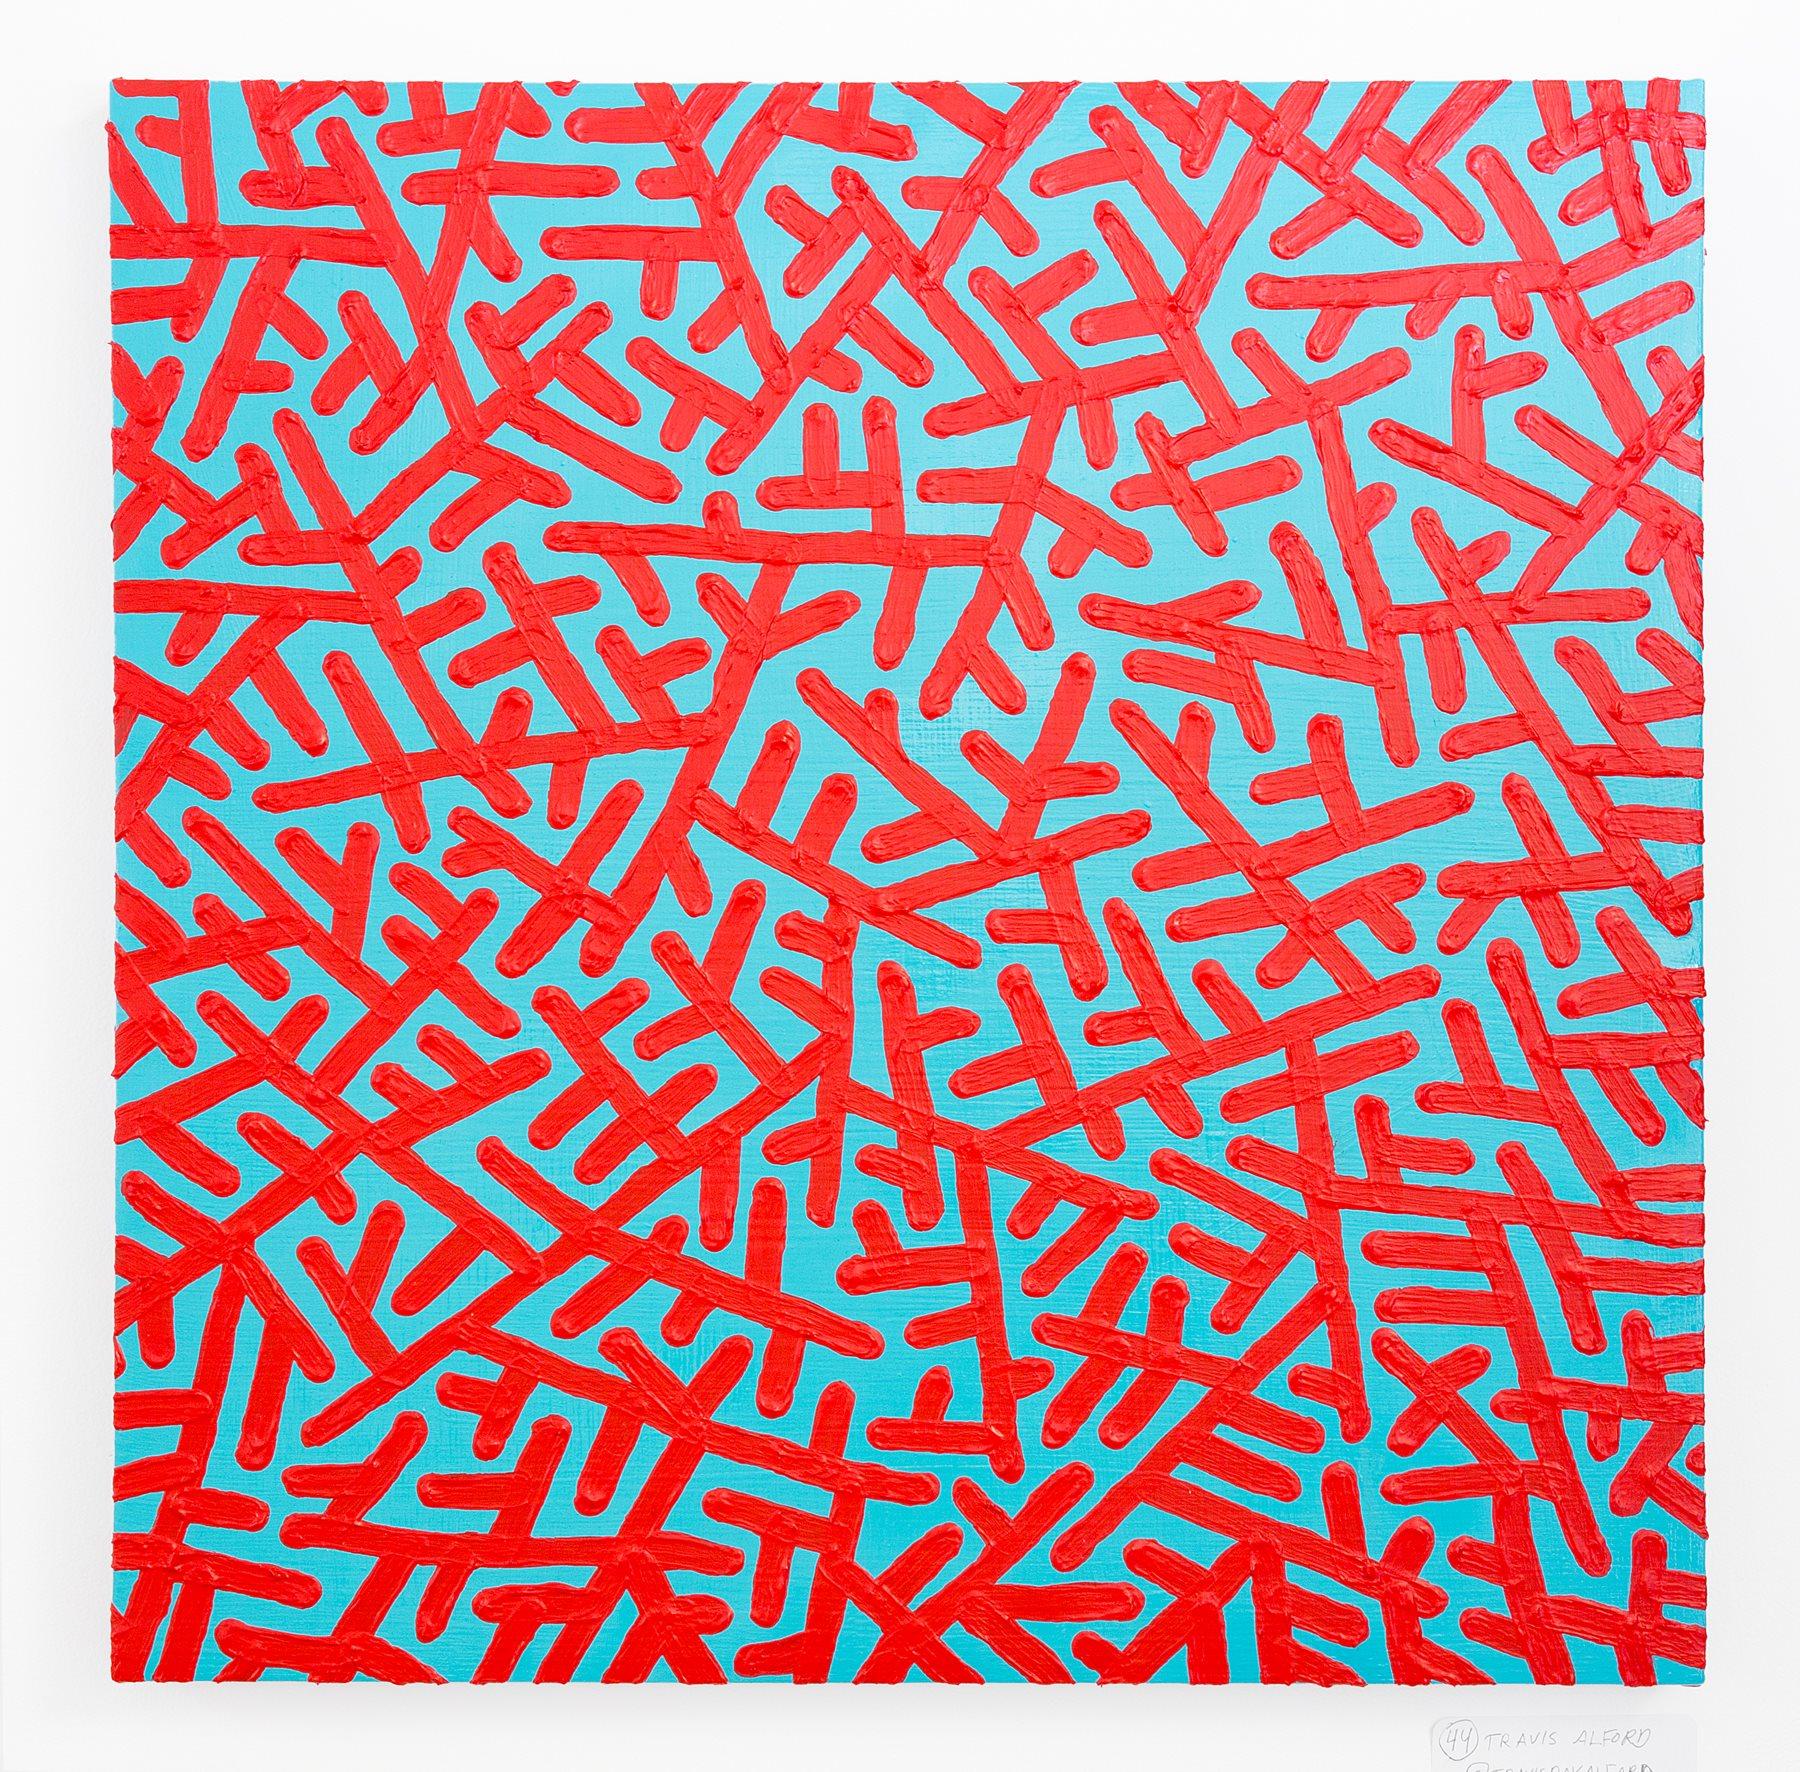 """Travis Alford - """"Ka-Splash"""" Insta: @travisroyalford  For Sale: $420"""